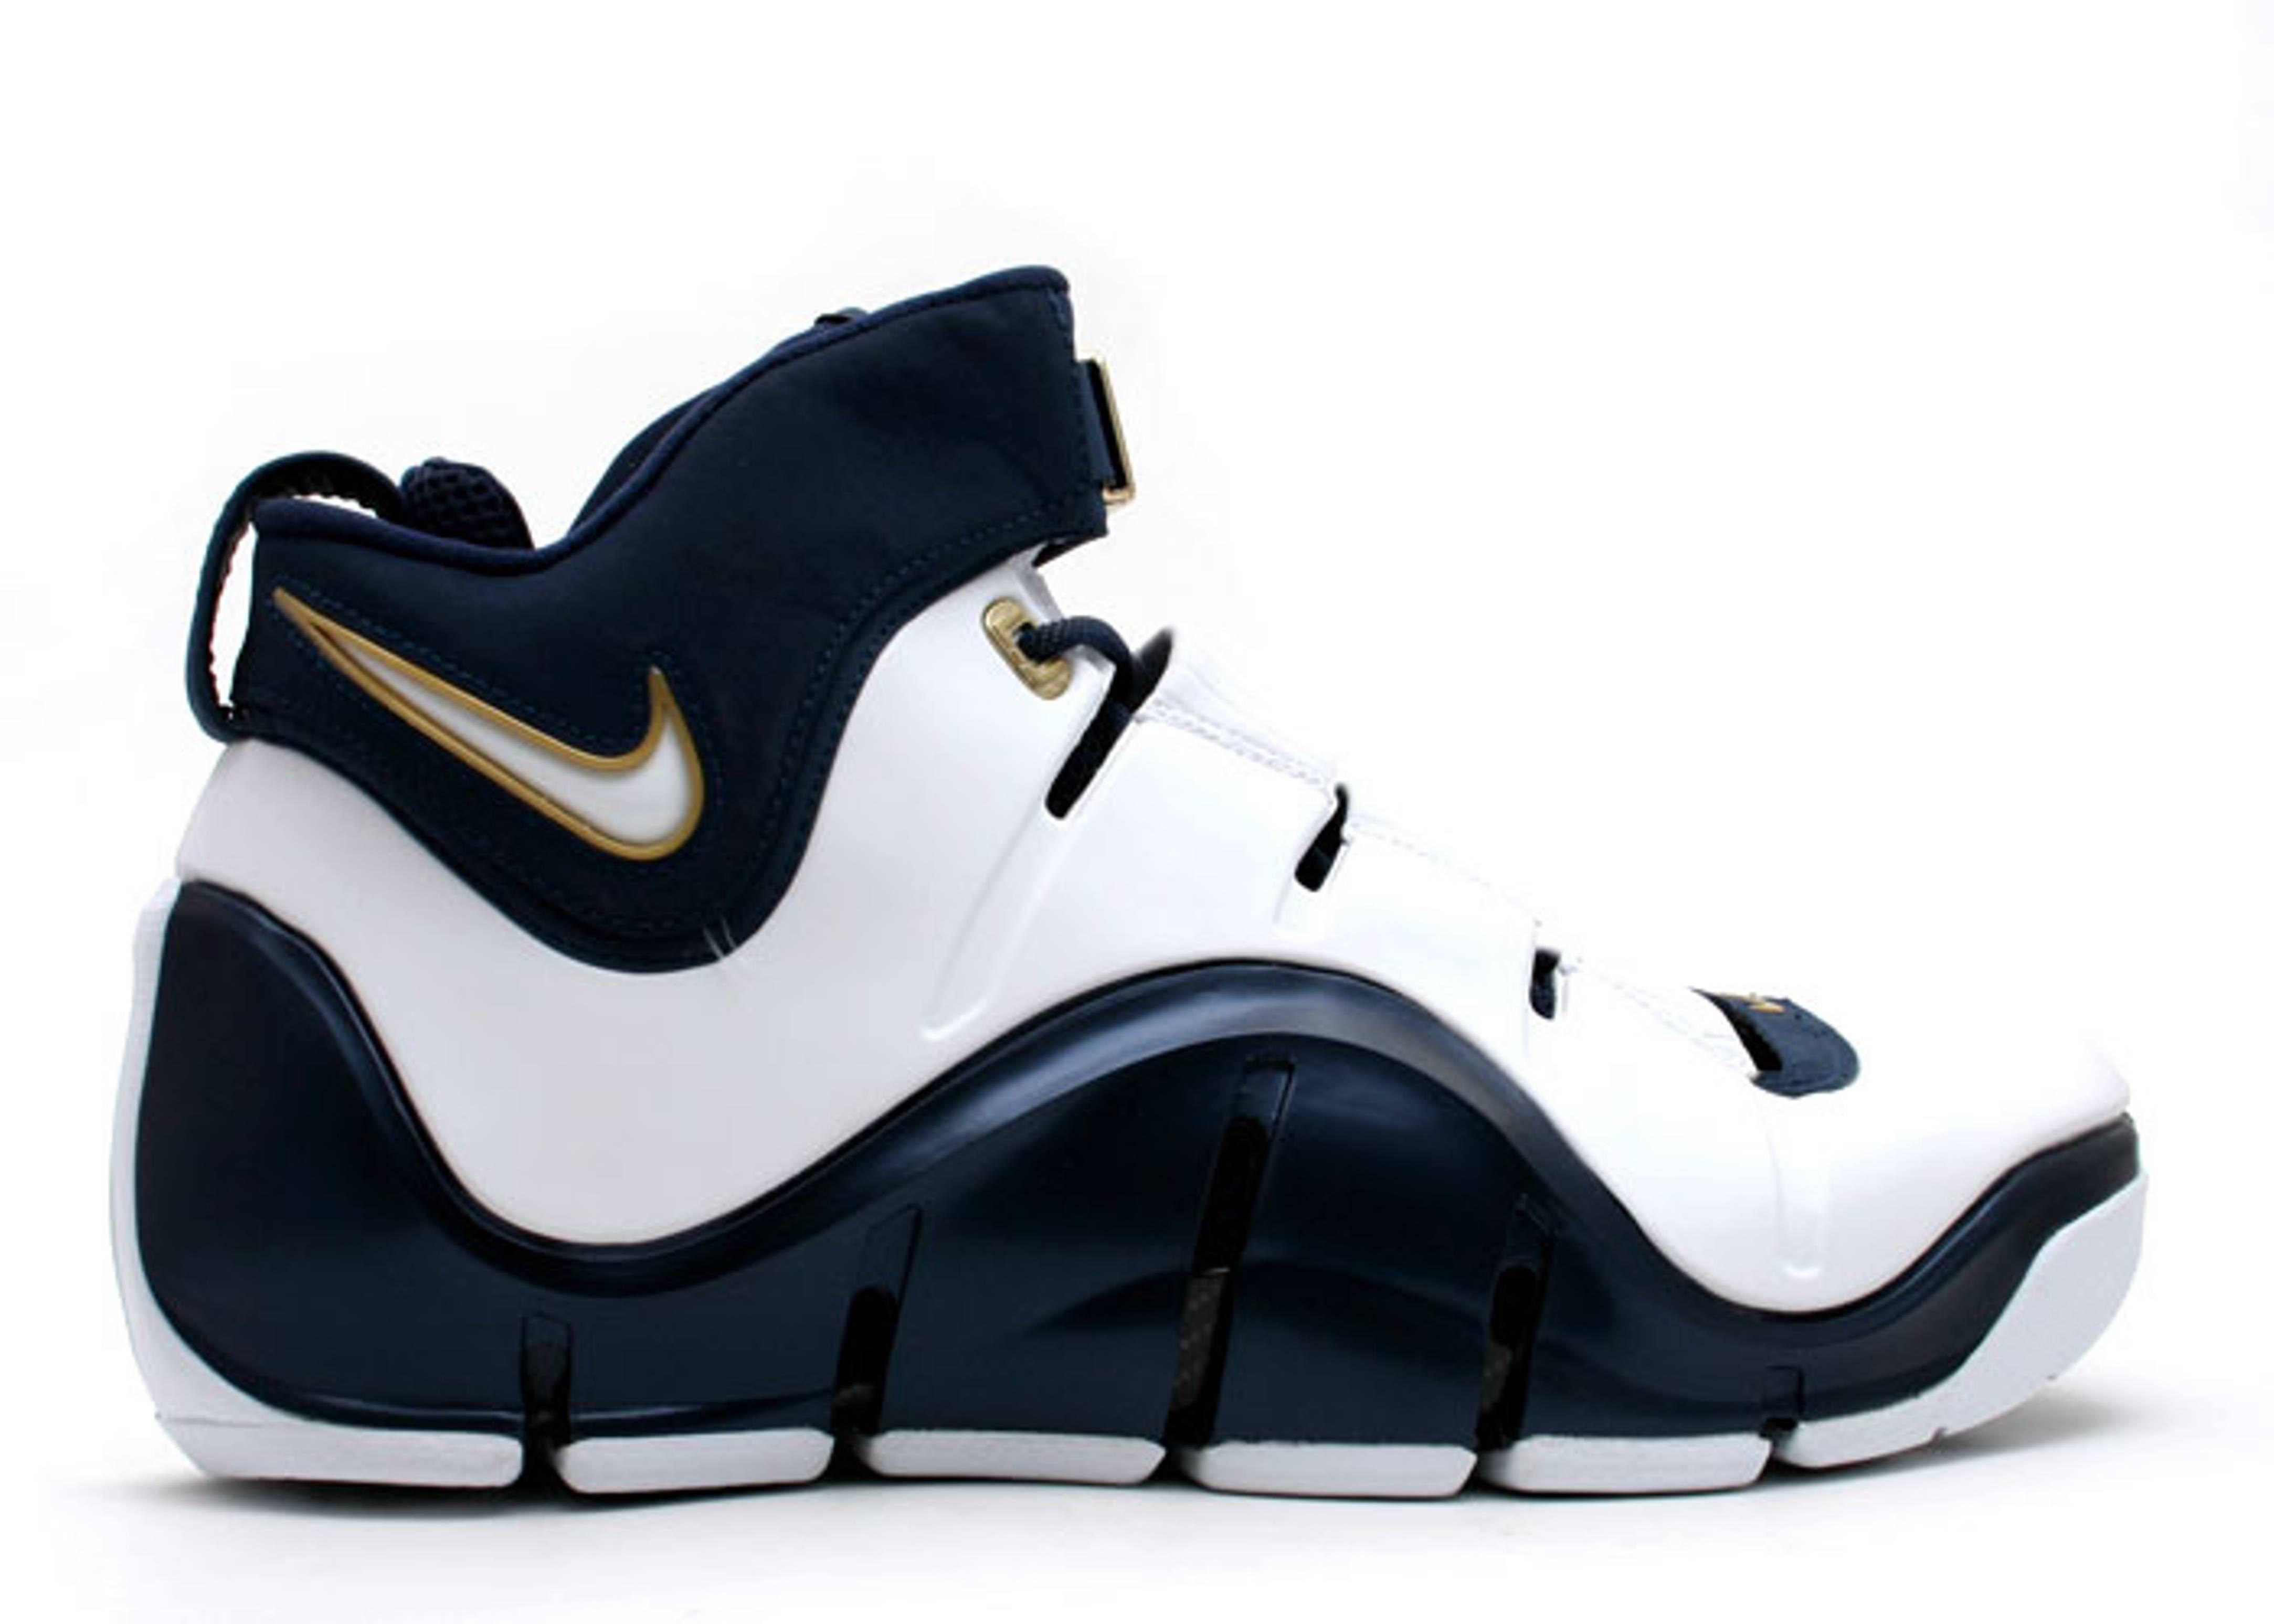 Nike LeBron 4 West Coast Sneakers (White/White-Midnight Navy-Metallic Gold)